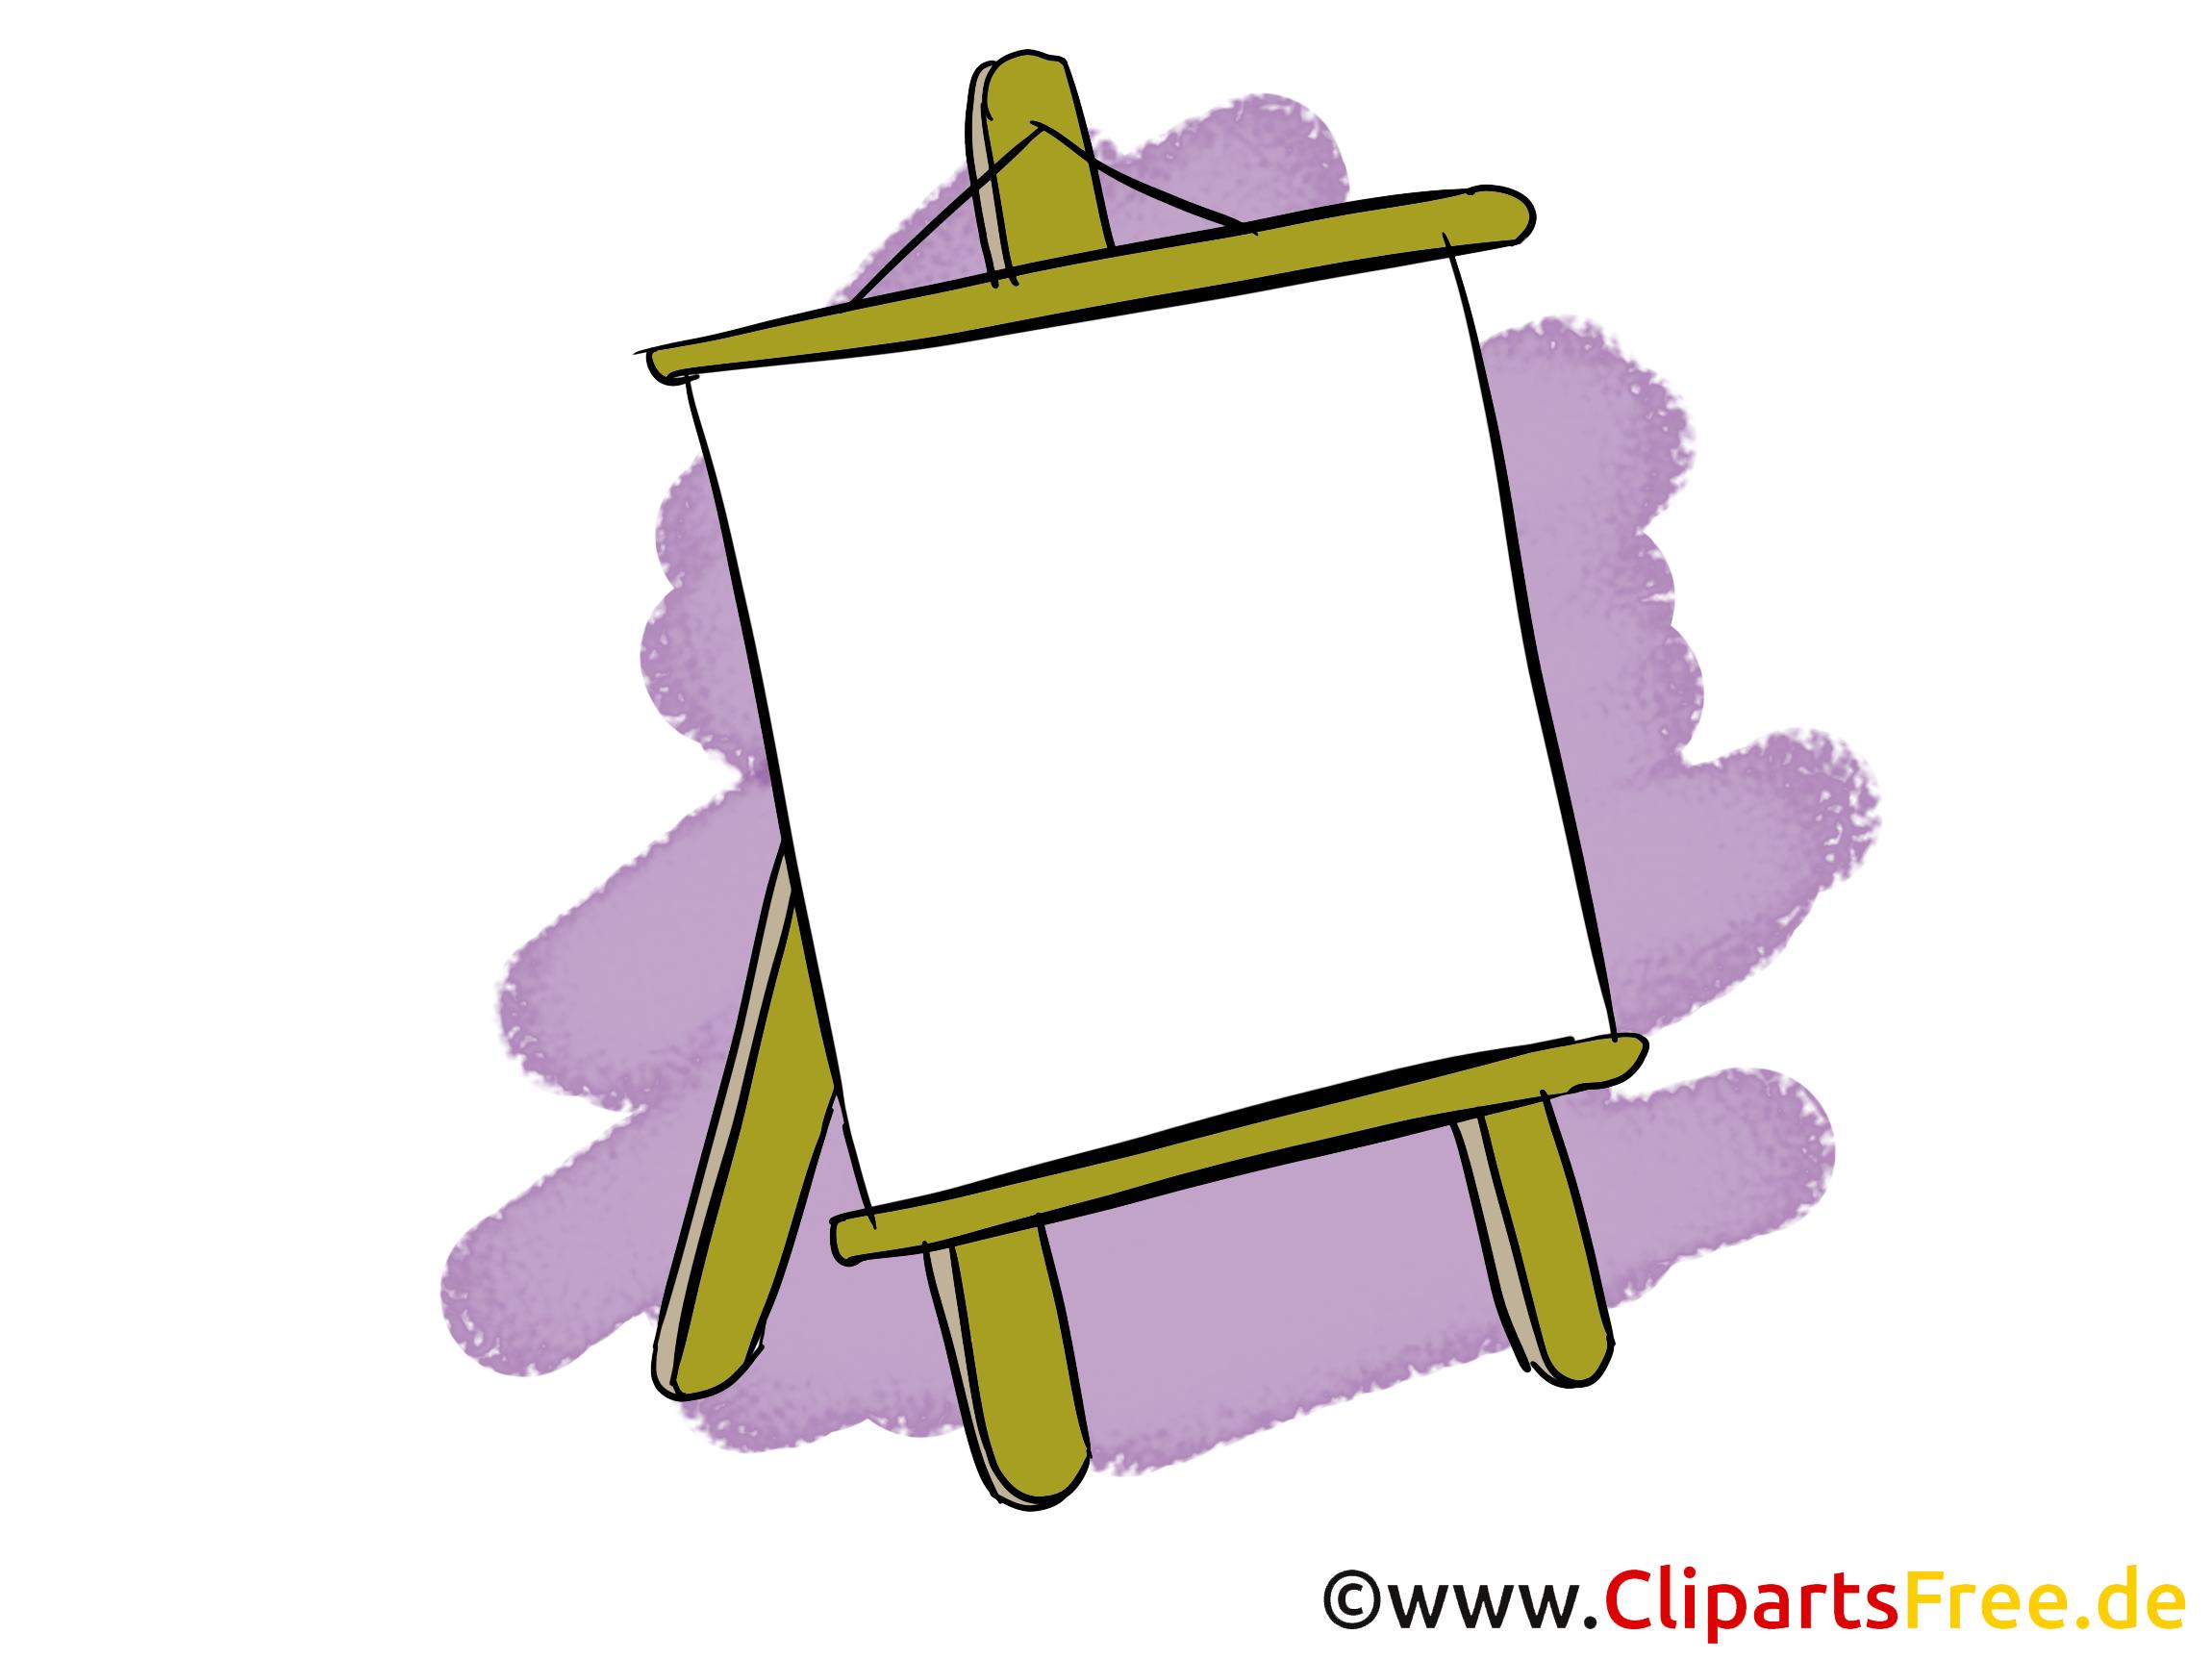 Tableau de conférence images – Finances clipart